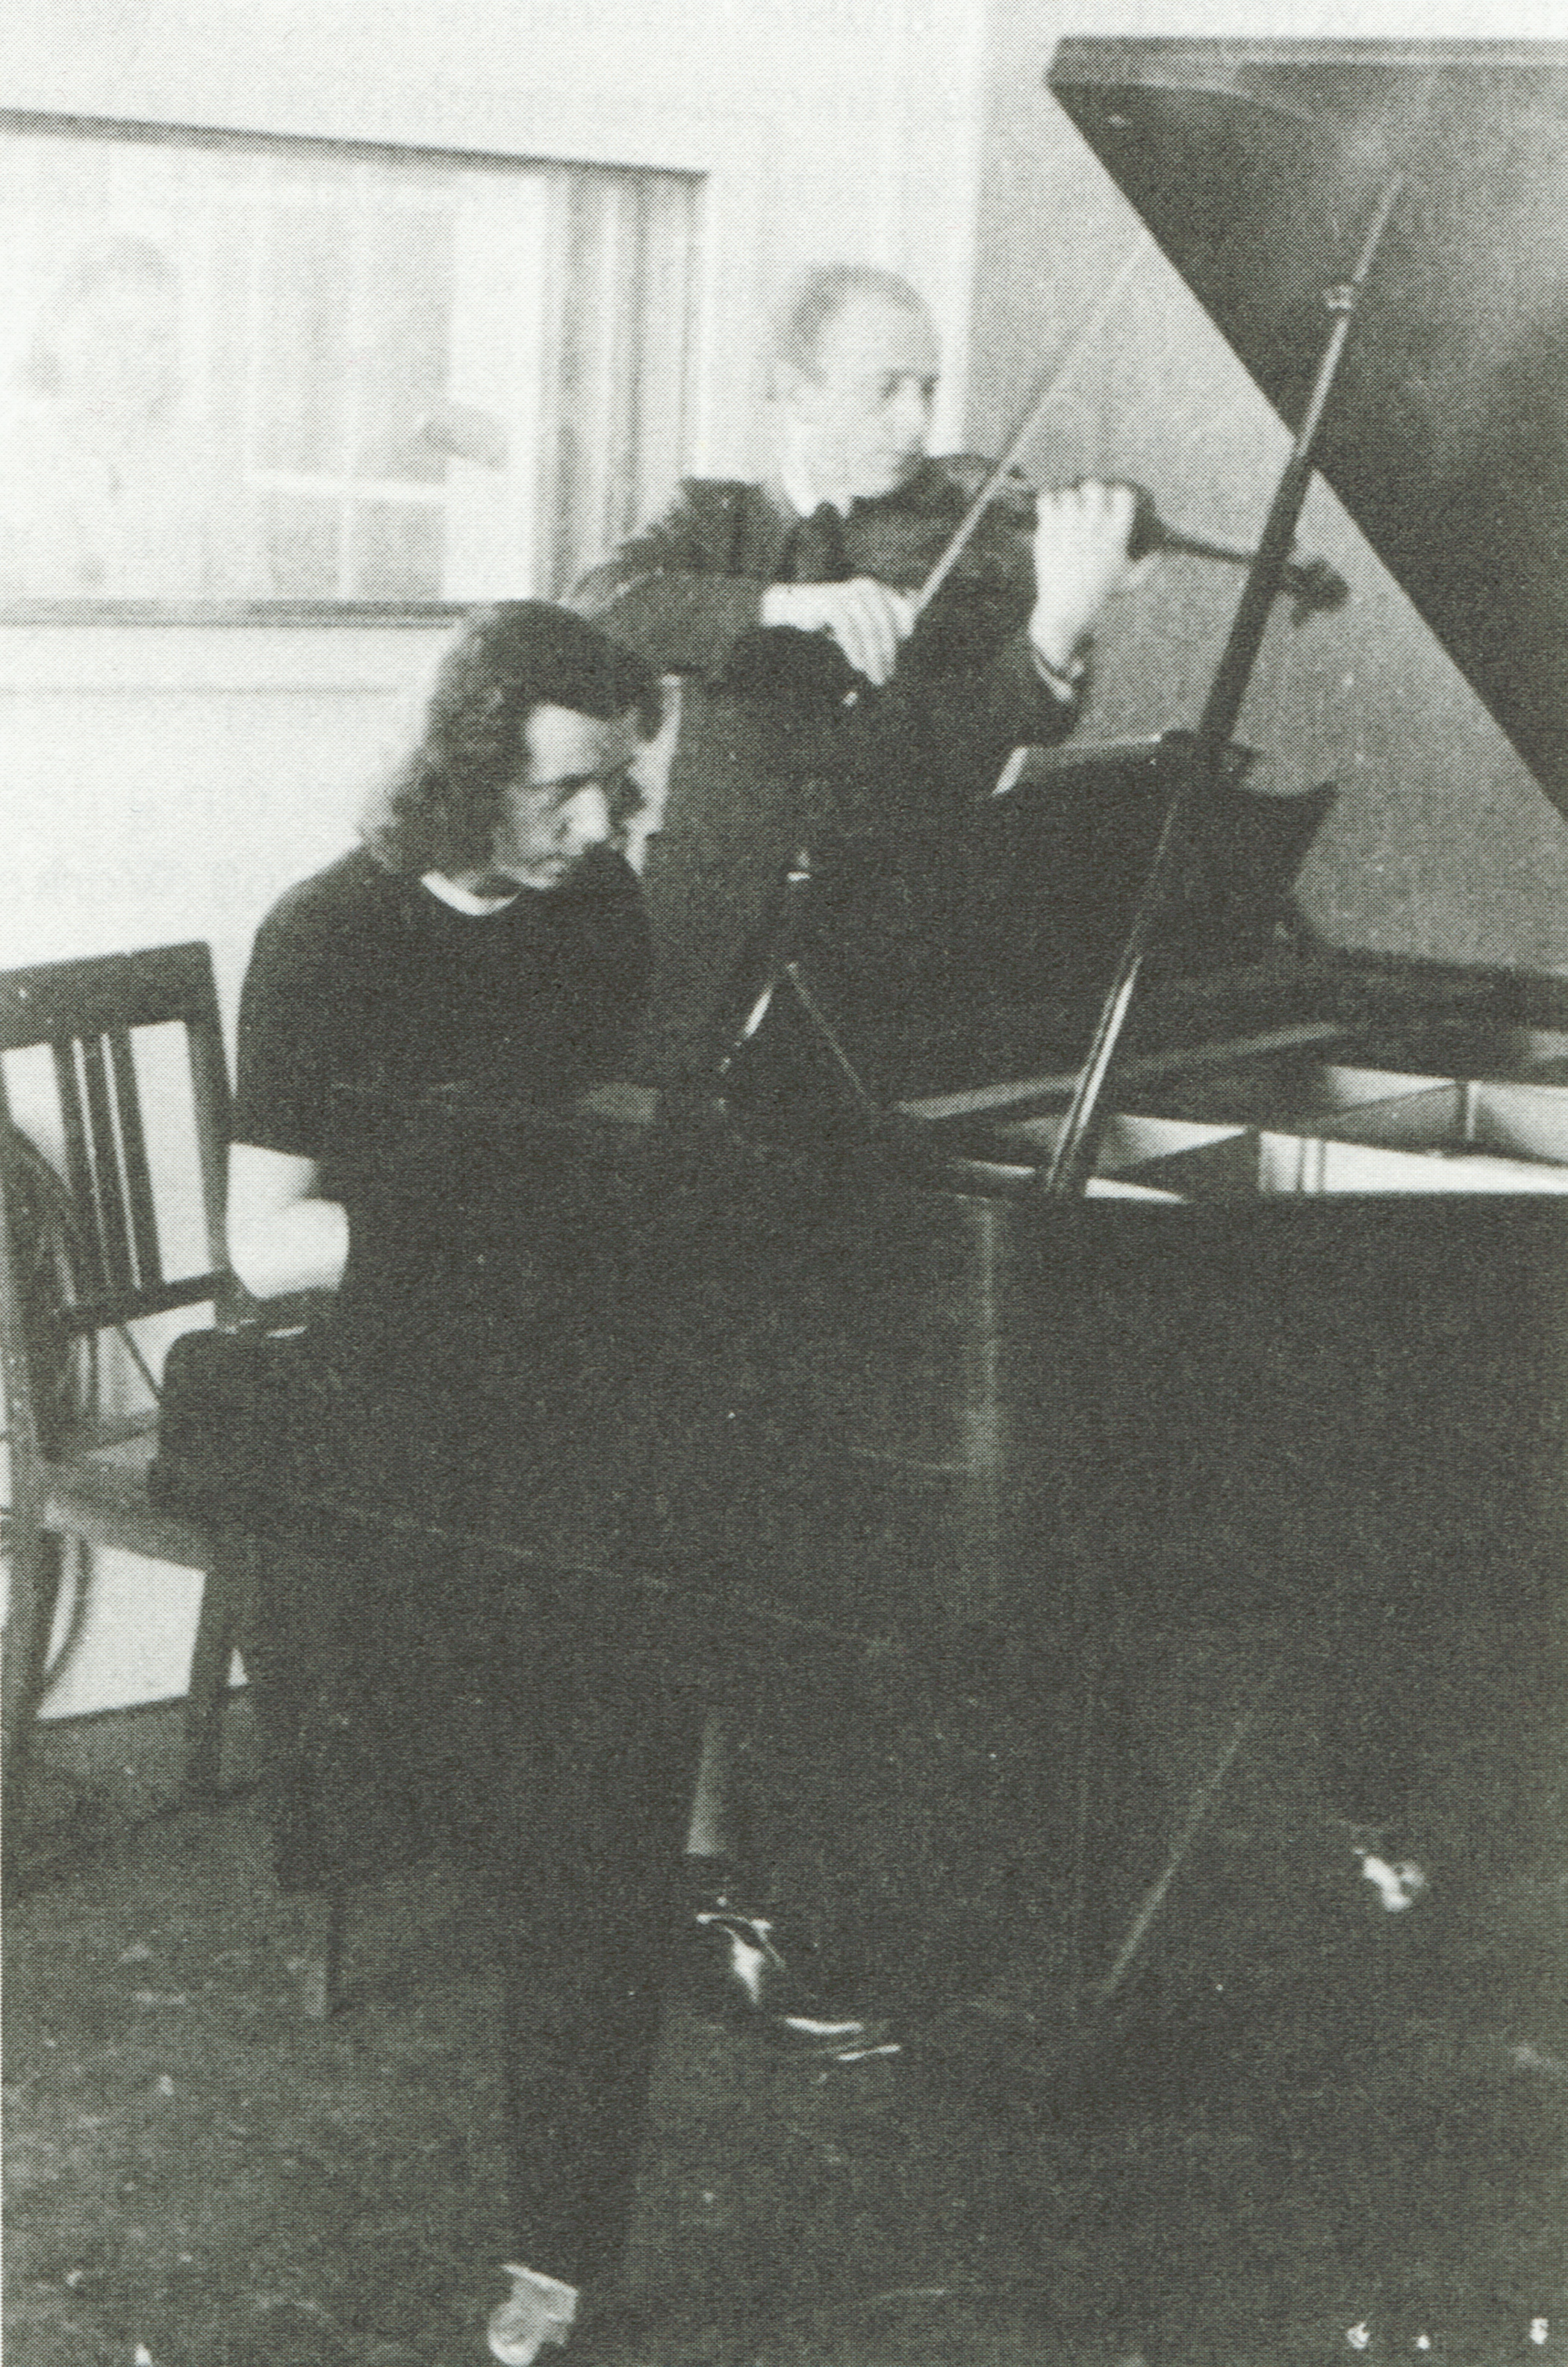 Maria BERGMANN et Ludwig BUS en 1946, Cliquer sur la photo pour une vue agrandie et quelques infos